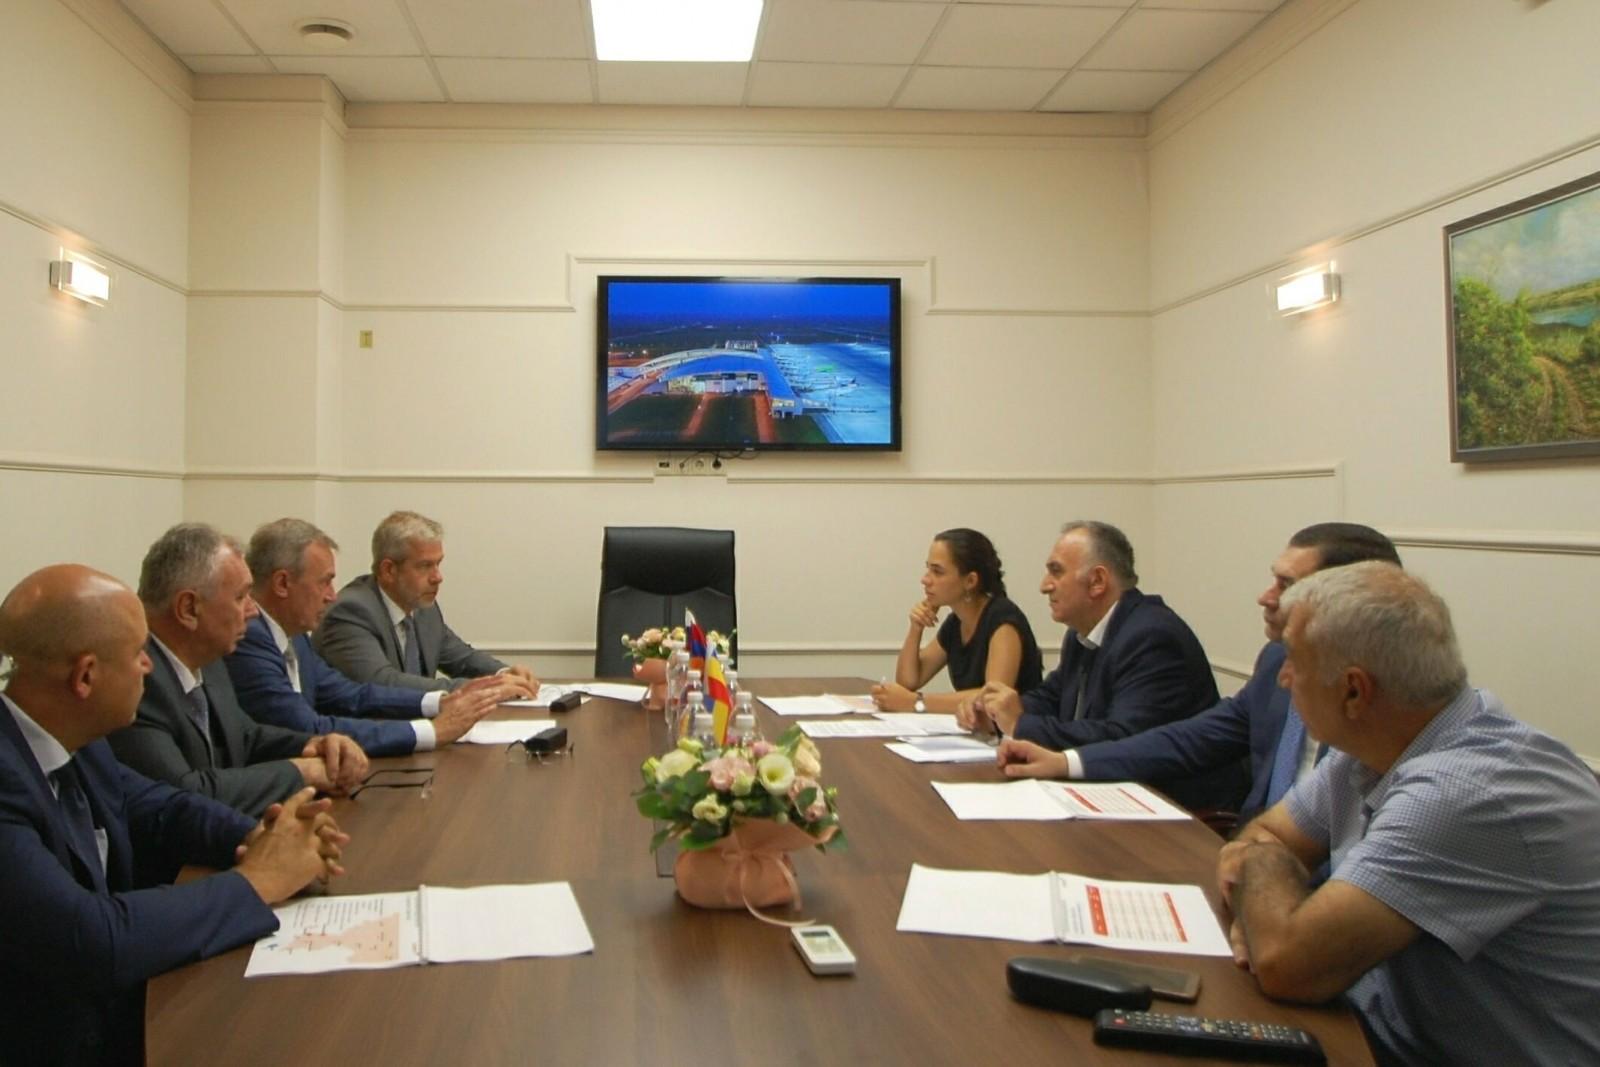 Авиасообщение между донским регионом и Республикой Армения будет развиваться